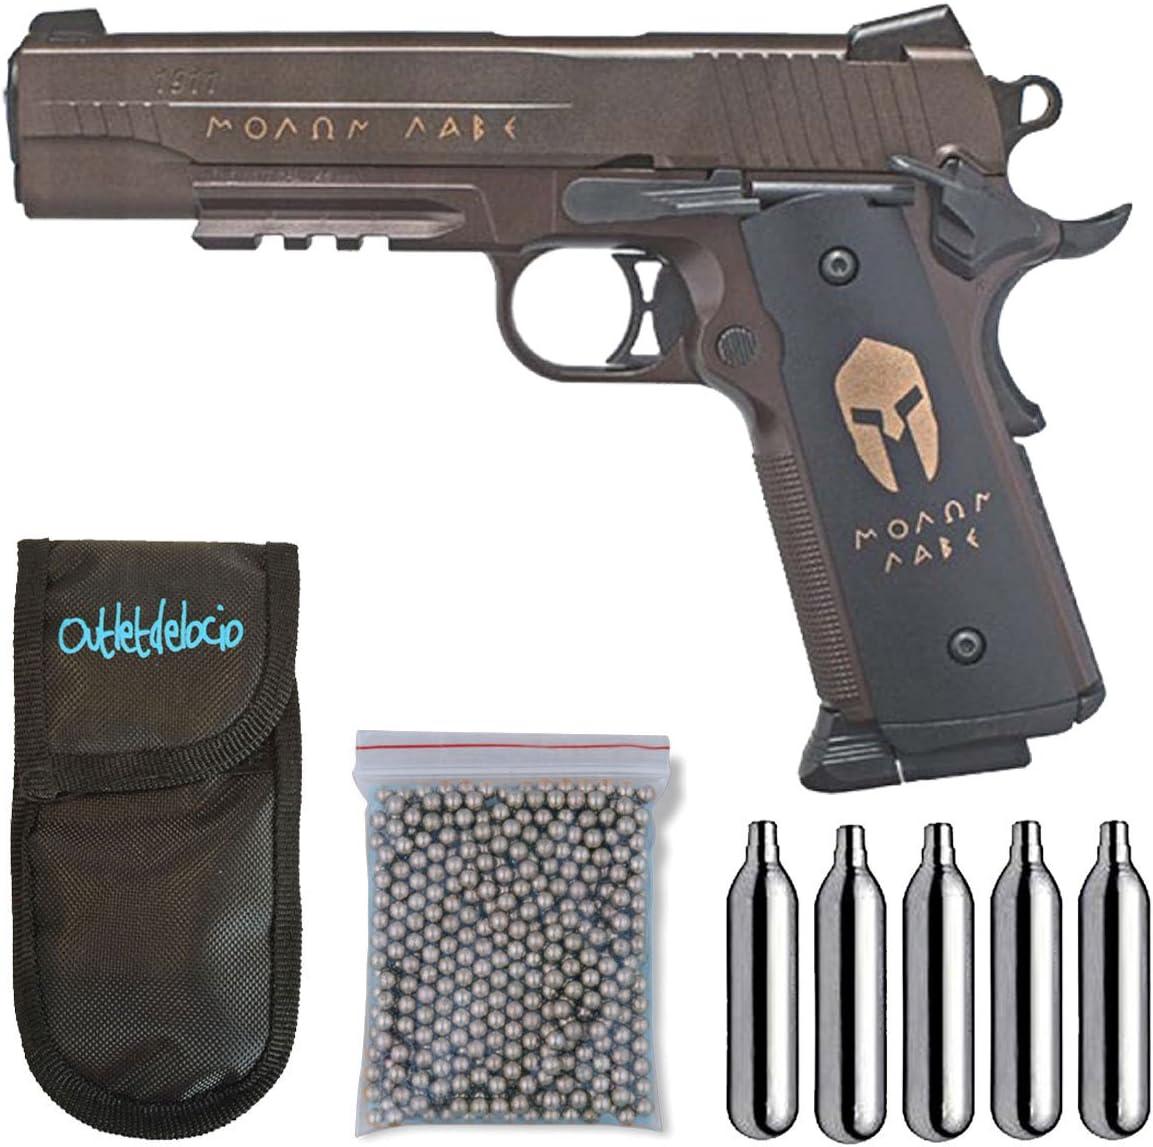 Outletdelocio. Pistola perdigon SS1911SP Sig Sauer Spartan co2 Blowback 4,5mm + Funda Portabombonas + Balines + Bombonas co2. 23054/29318/38123